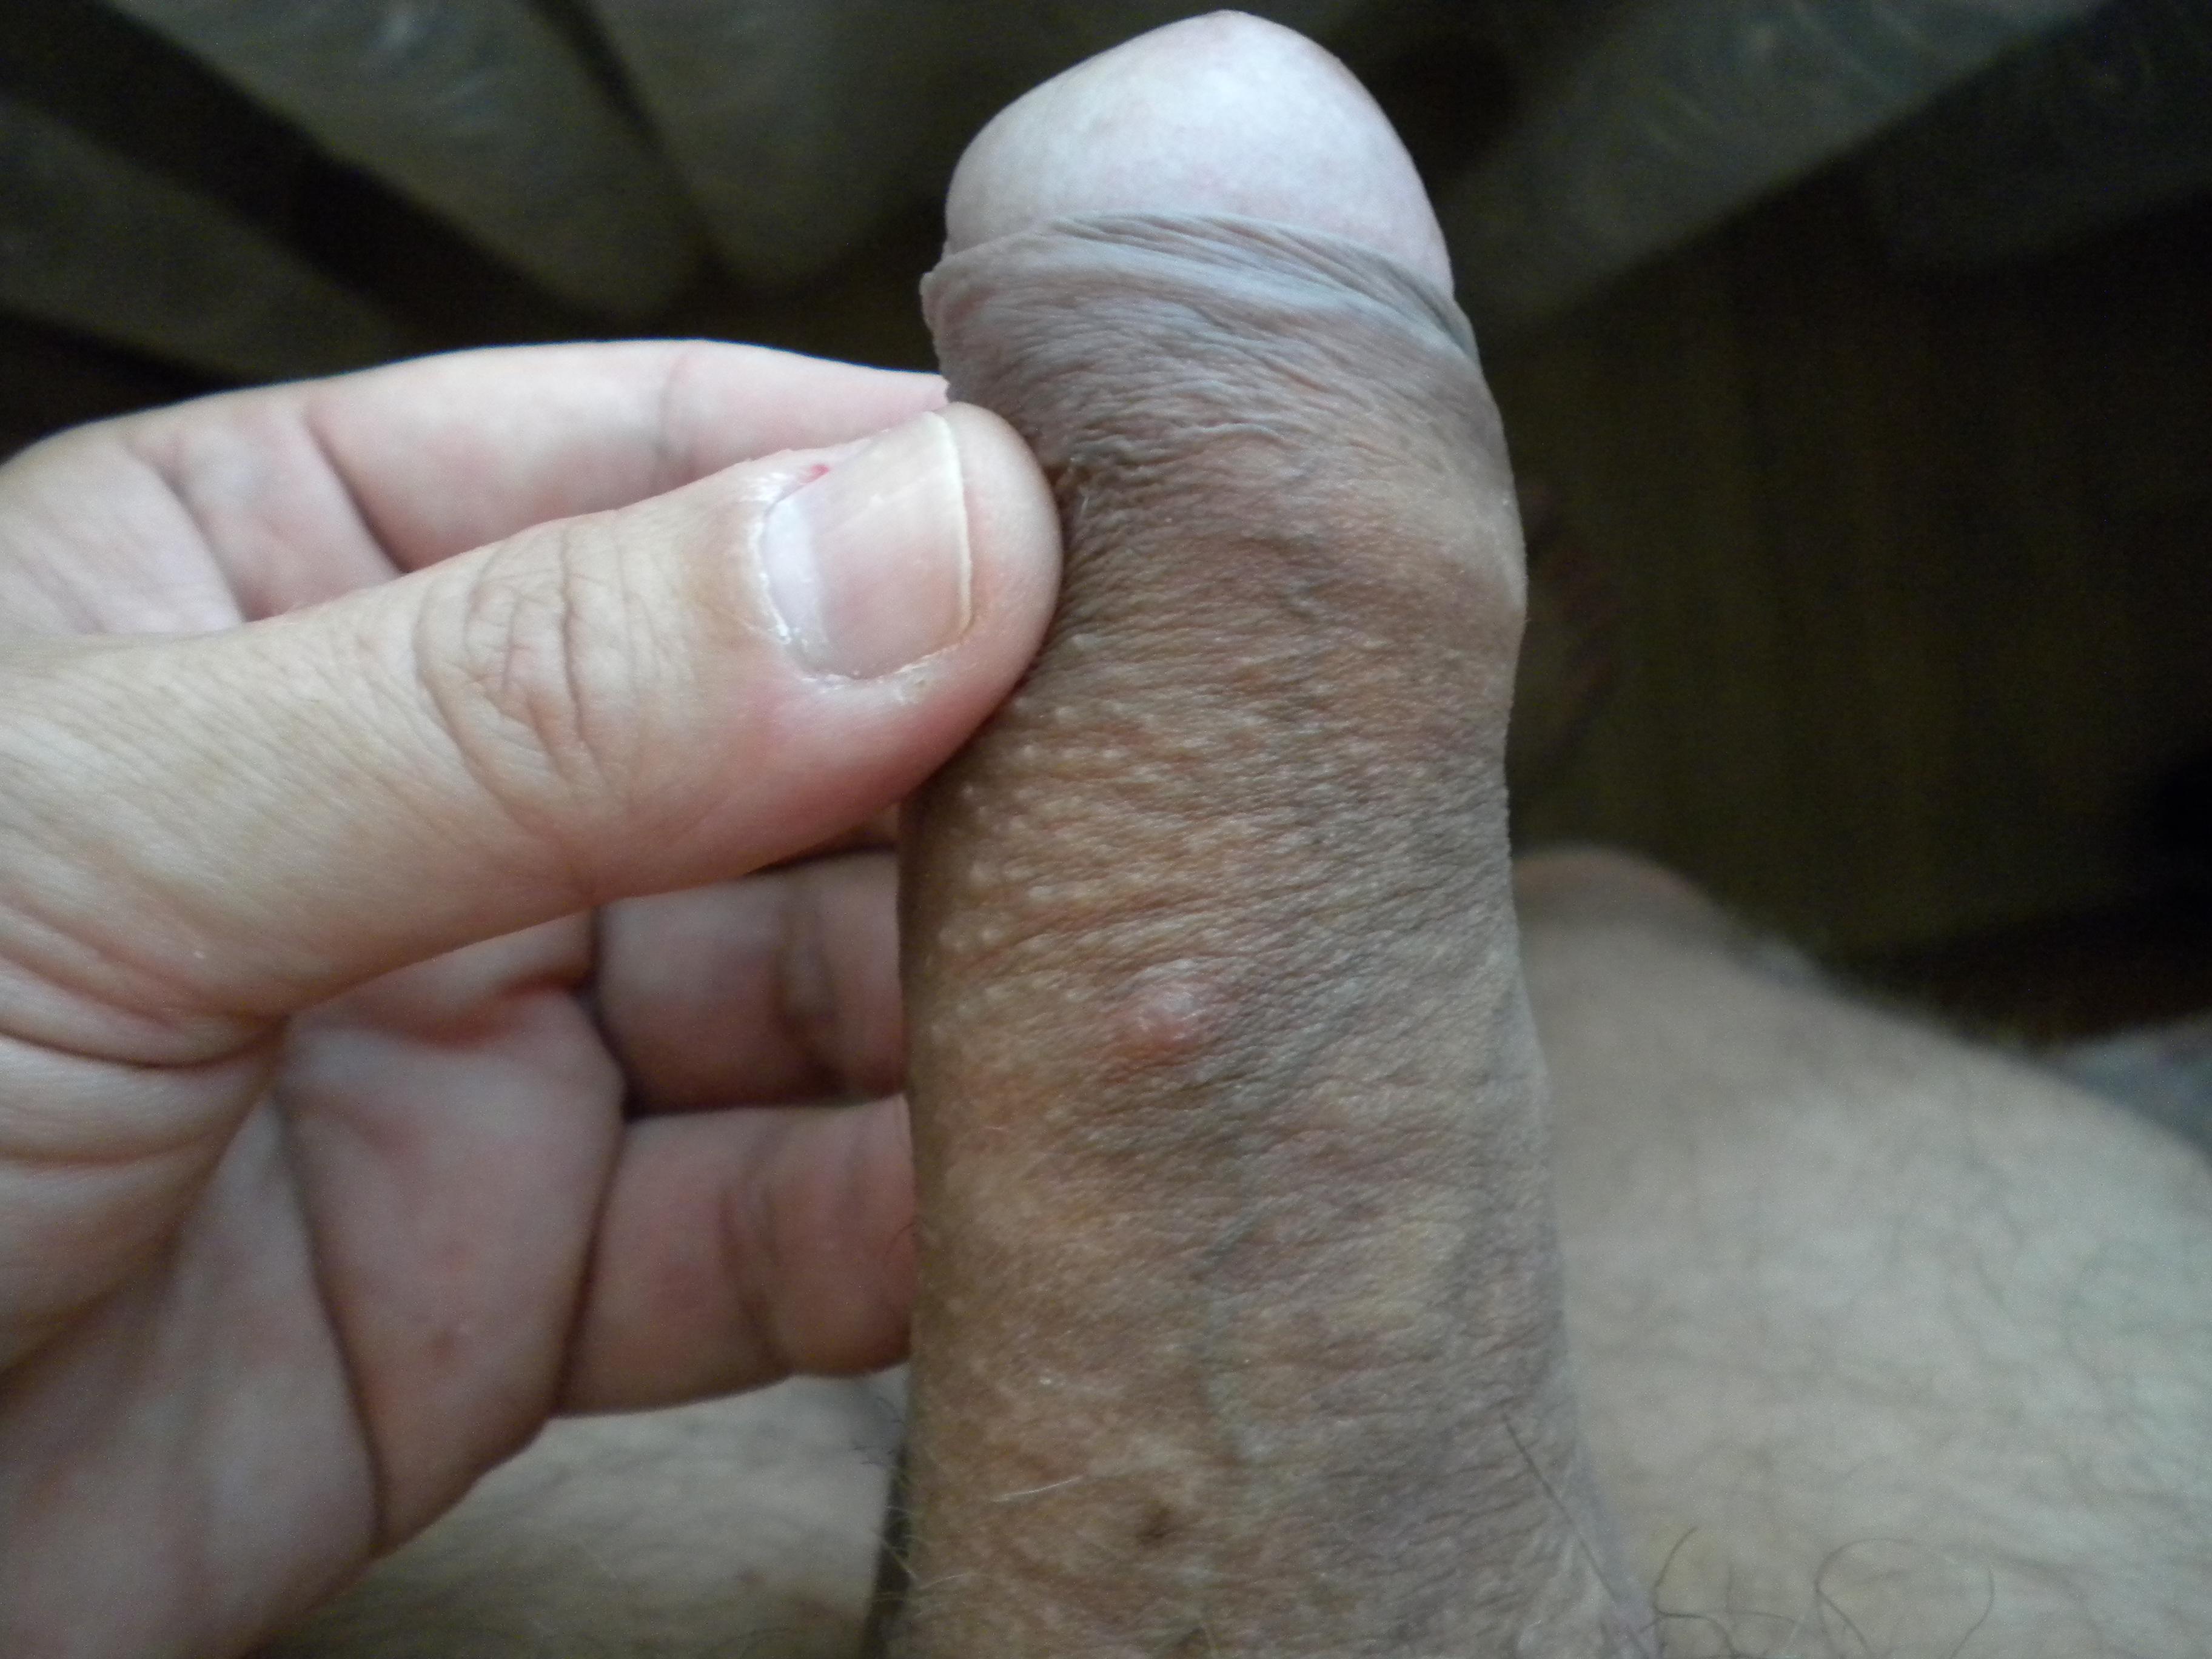 Penis pic sex scenes